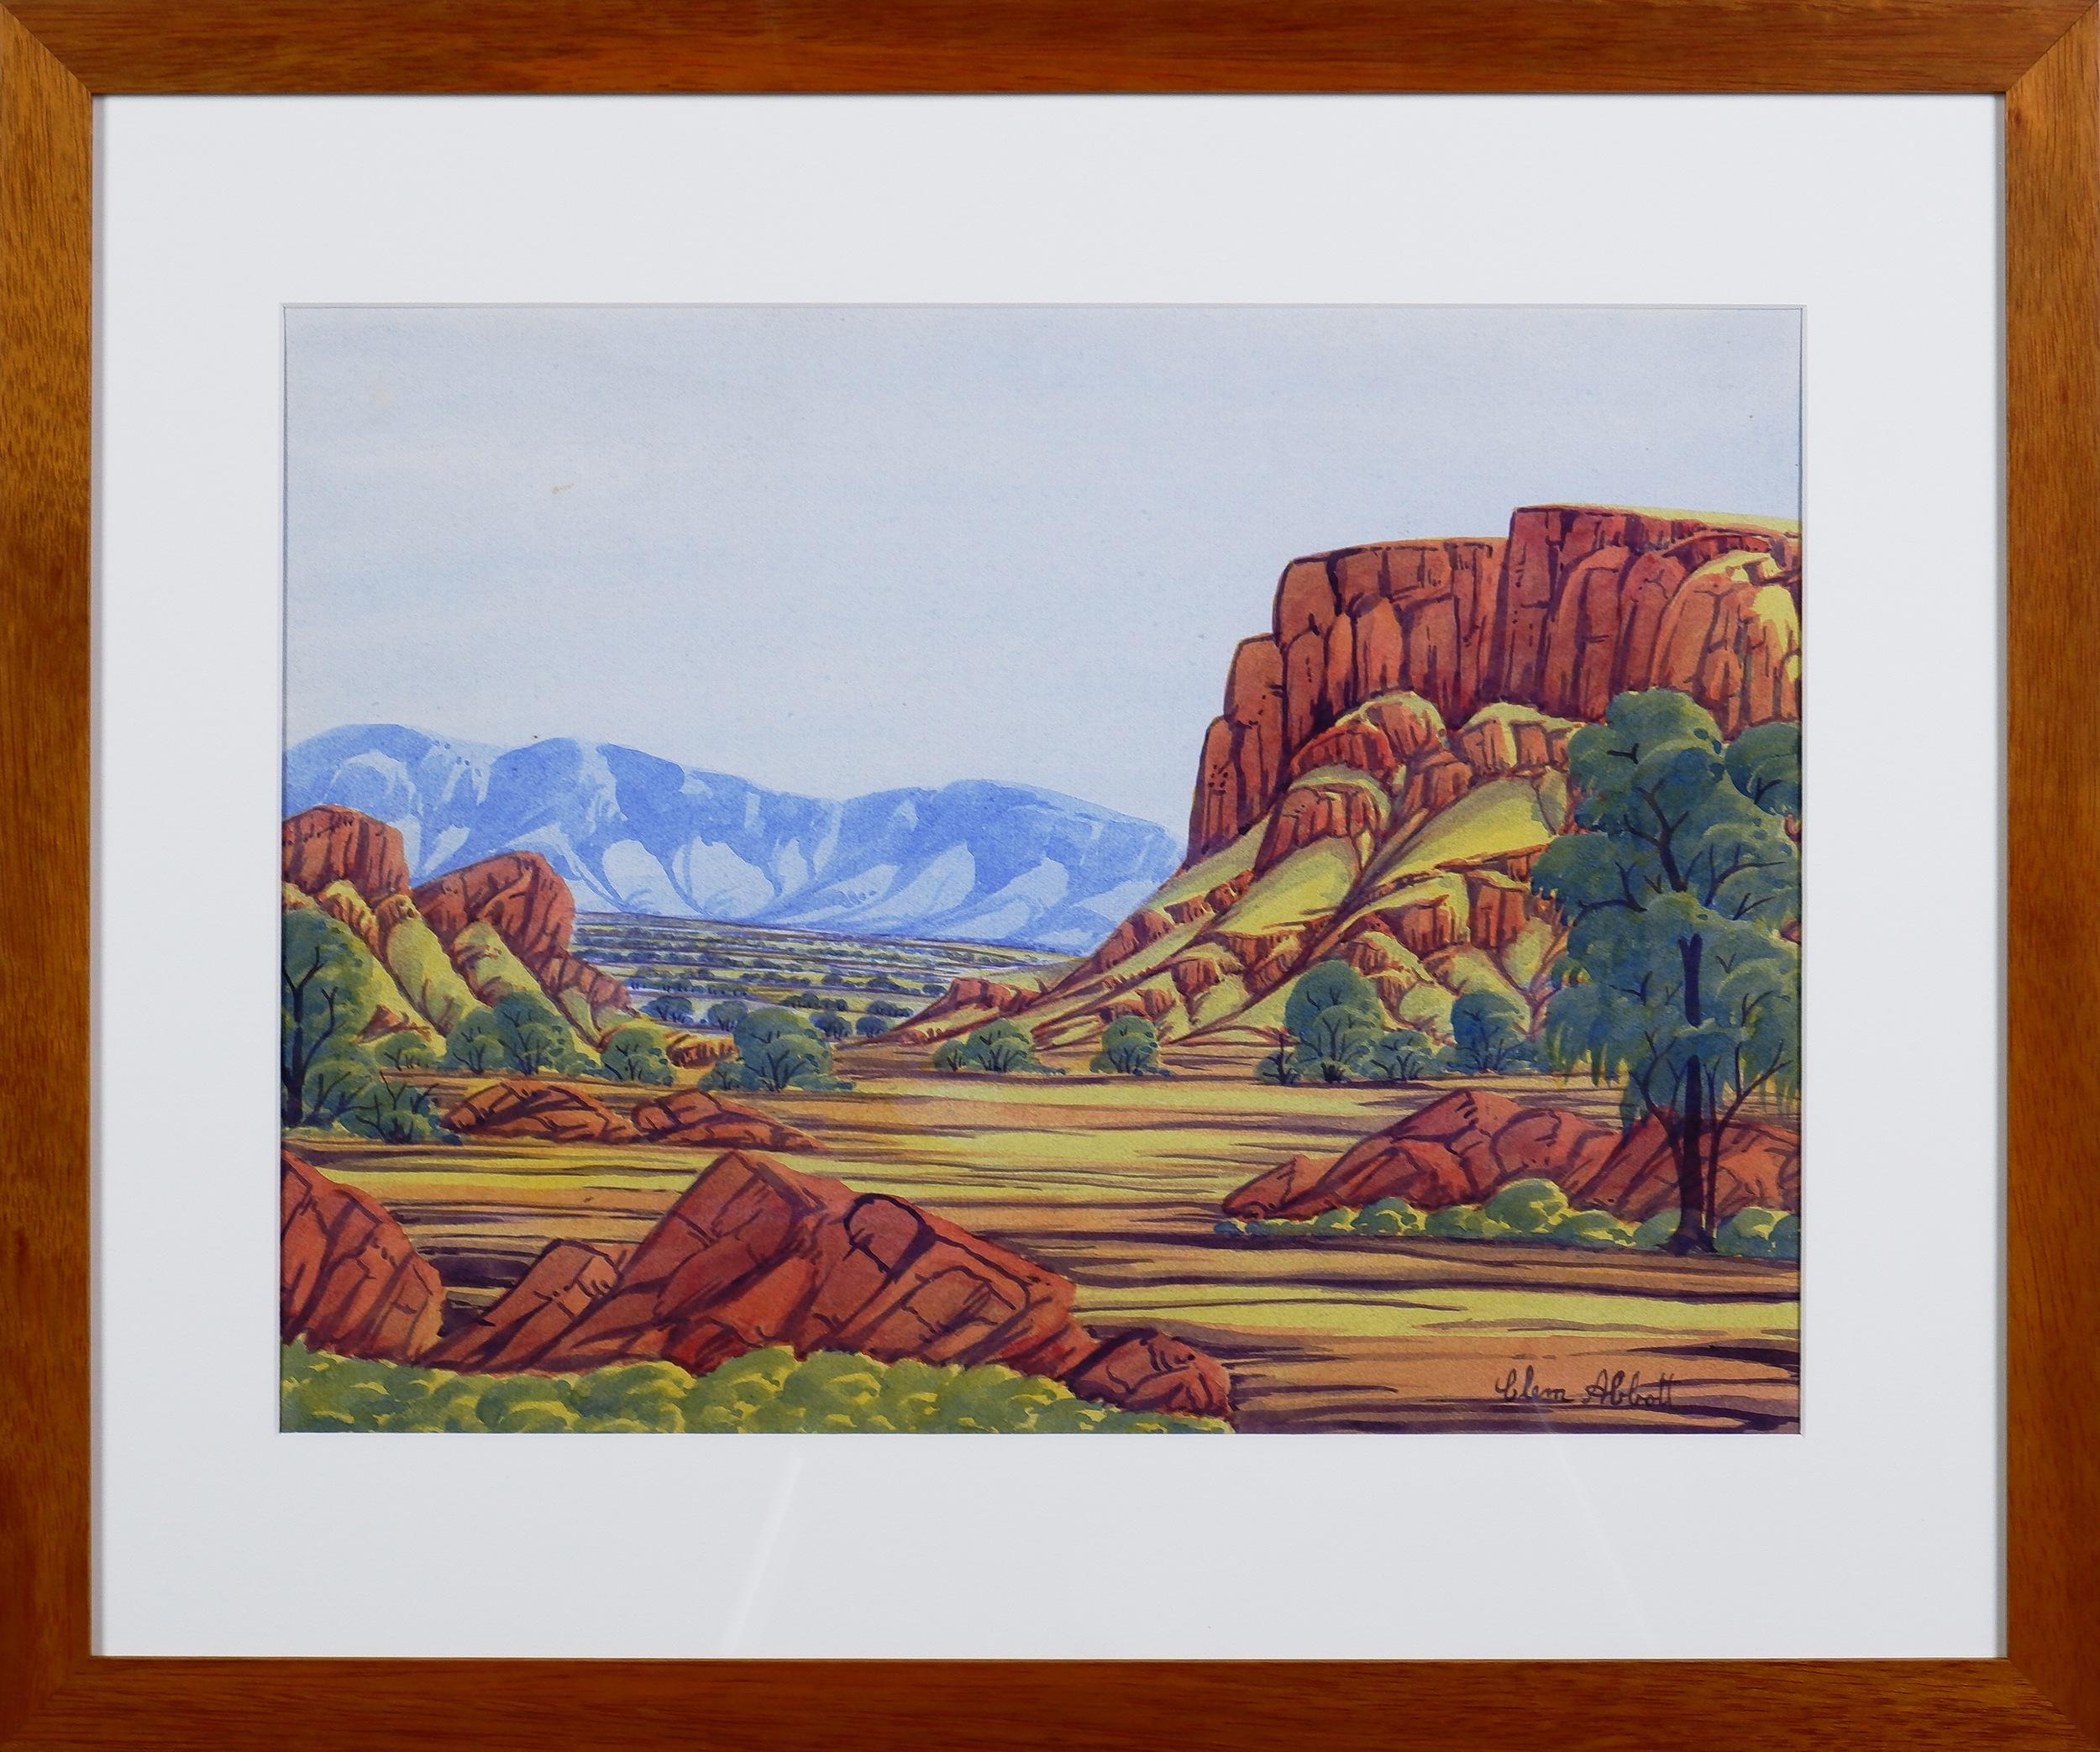 'Clem Abbott (1939 - 1989), Simpsons Gap, Watercolour'